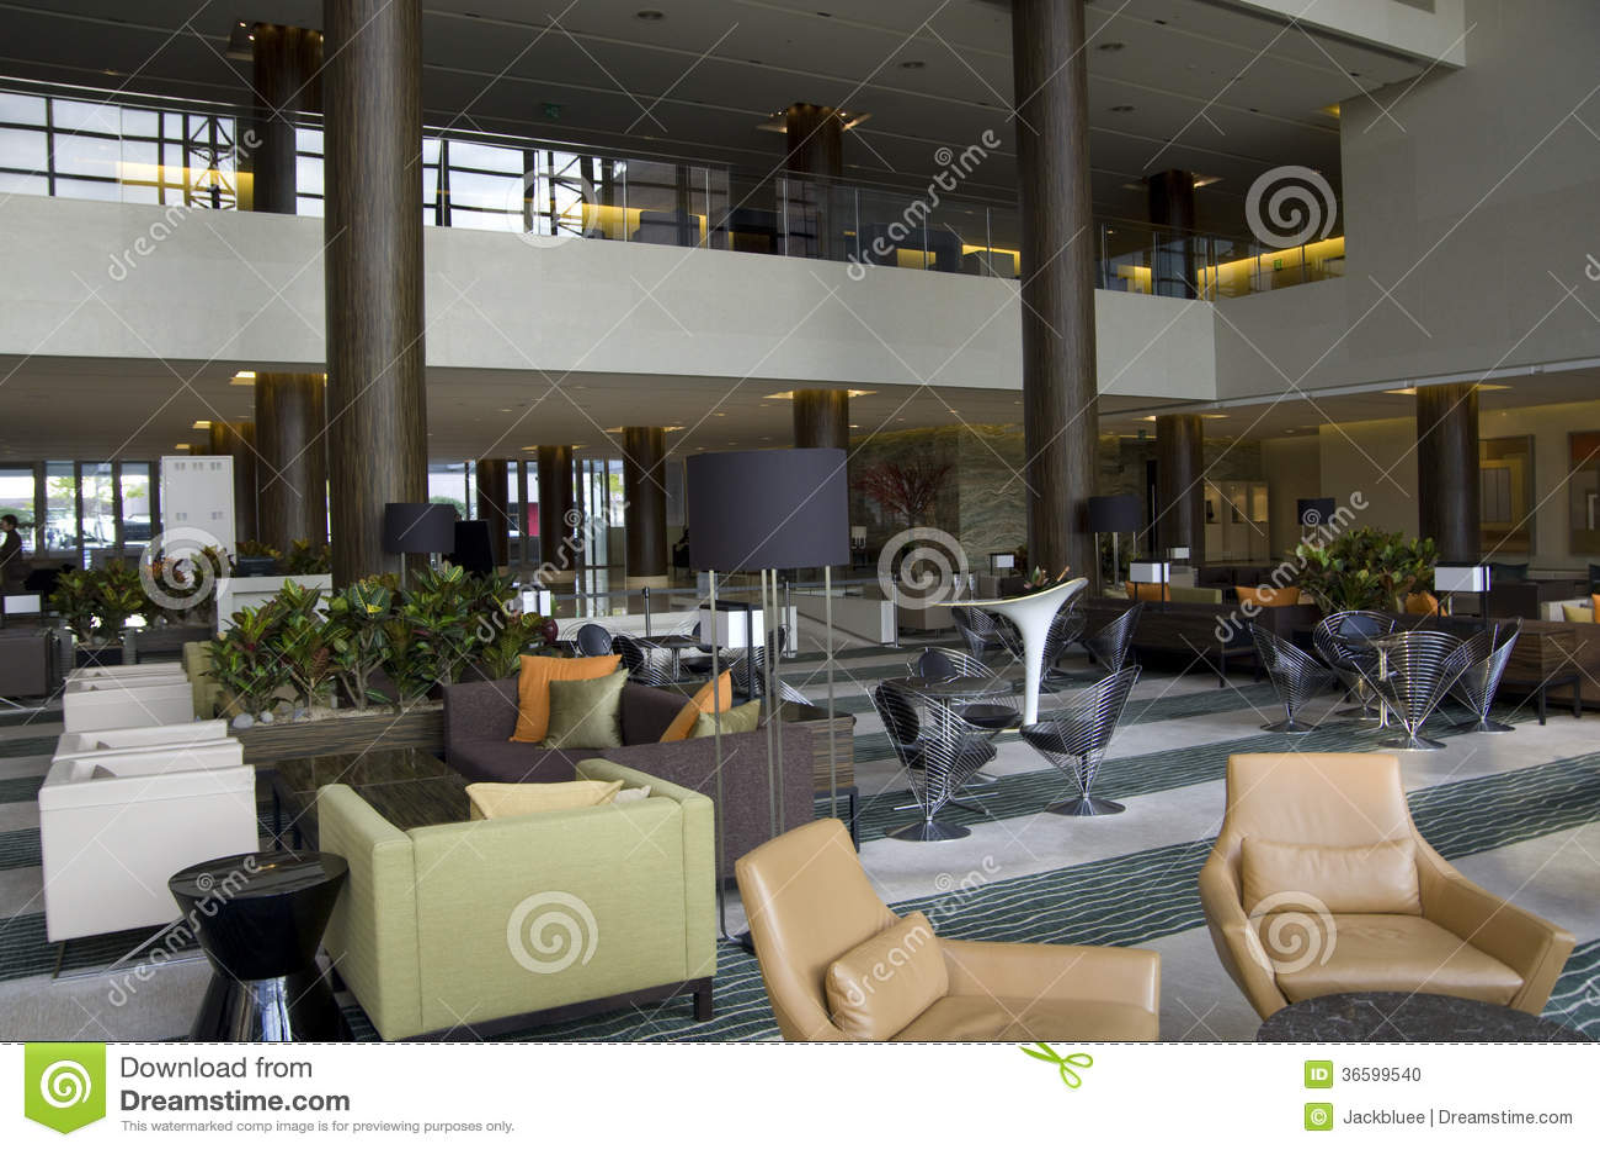 Hotel Lobby Lounge Bar Stock Photo Image 36599540